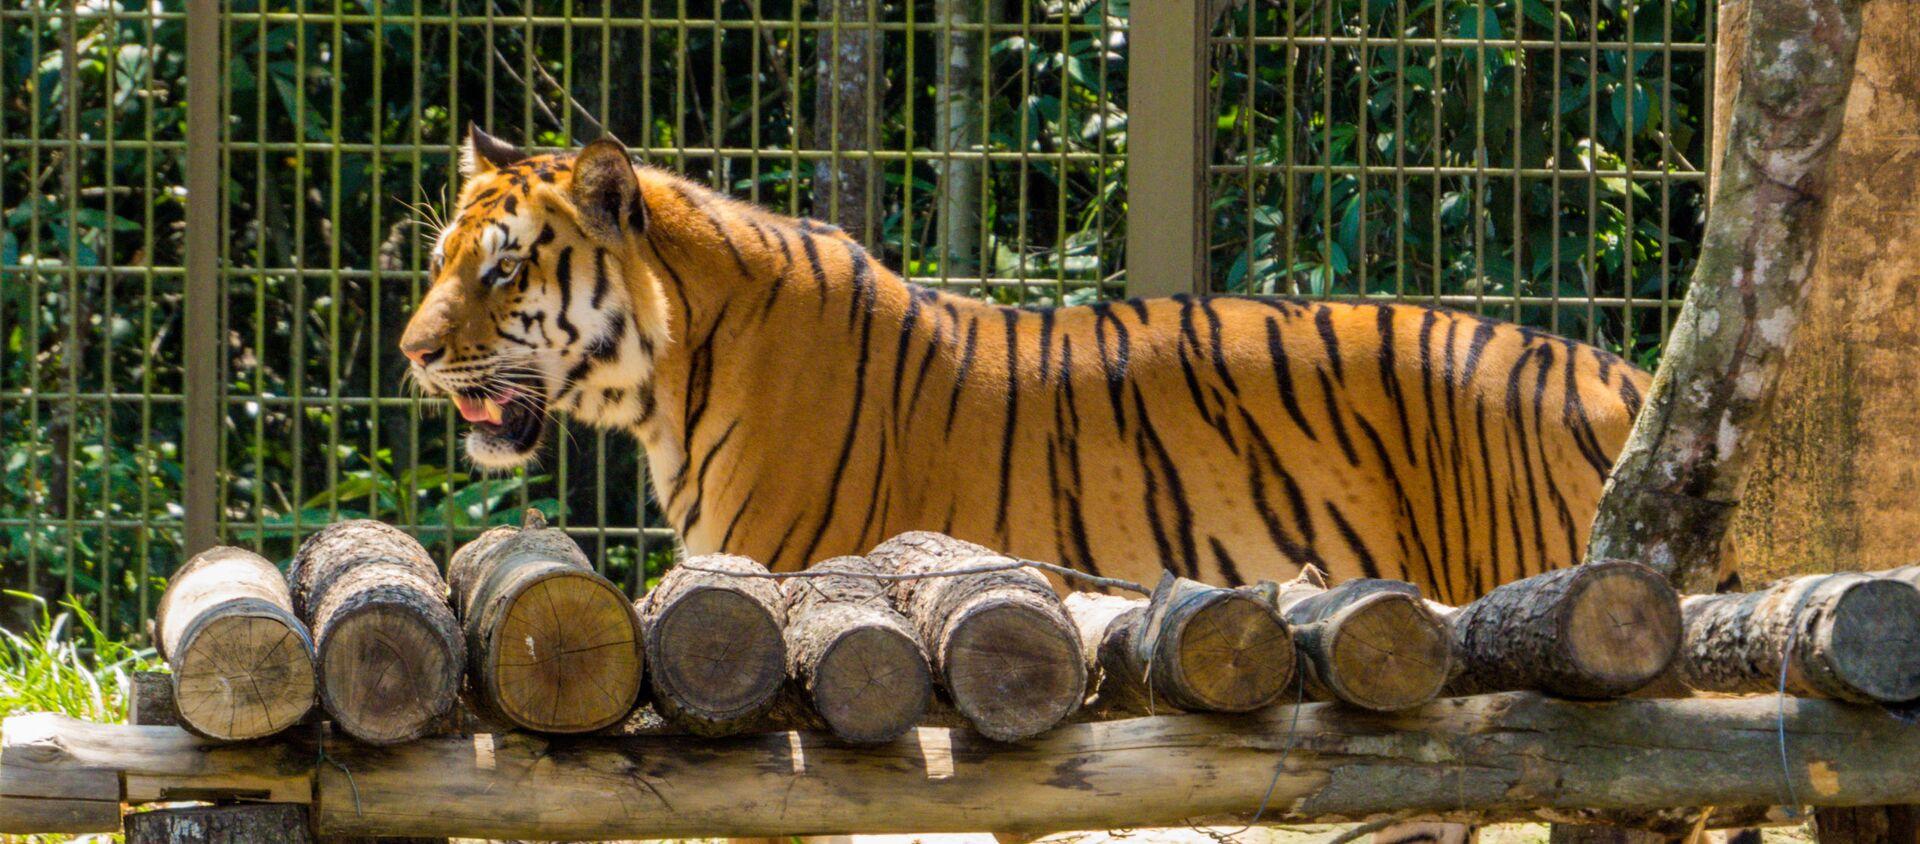 Đàn hổ Bengal ở vườn thú Phú quốc, Việt Nam  - Sputnik Việt Nam, 1920, 30.07.2021